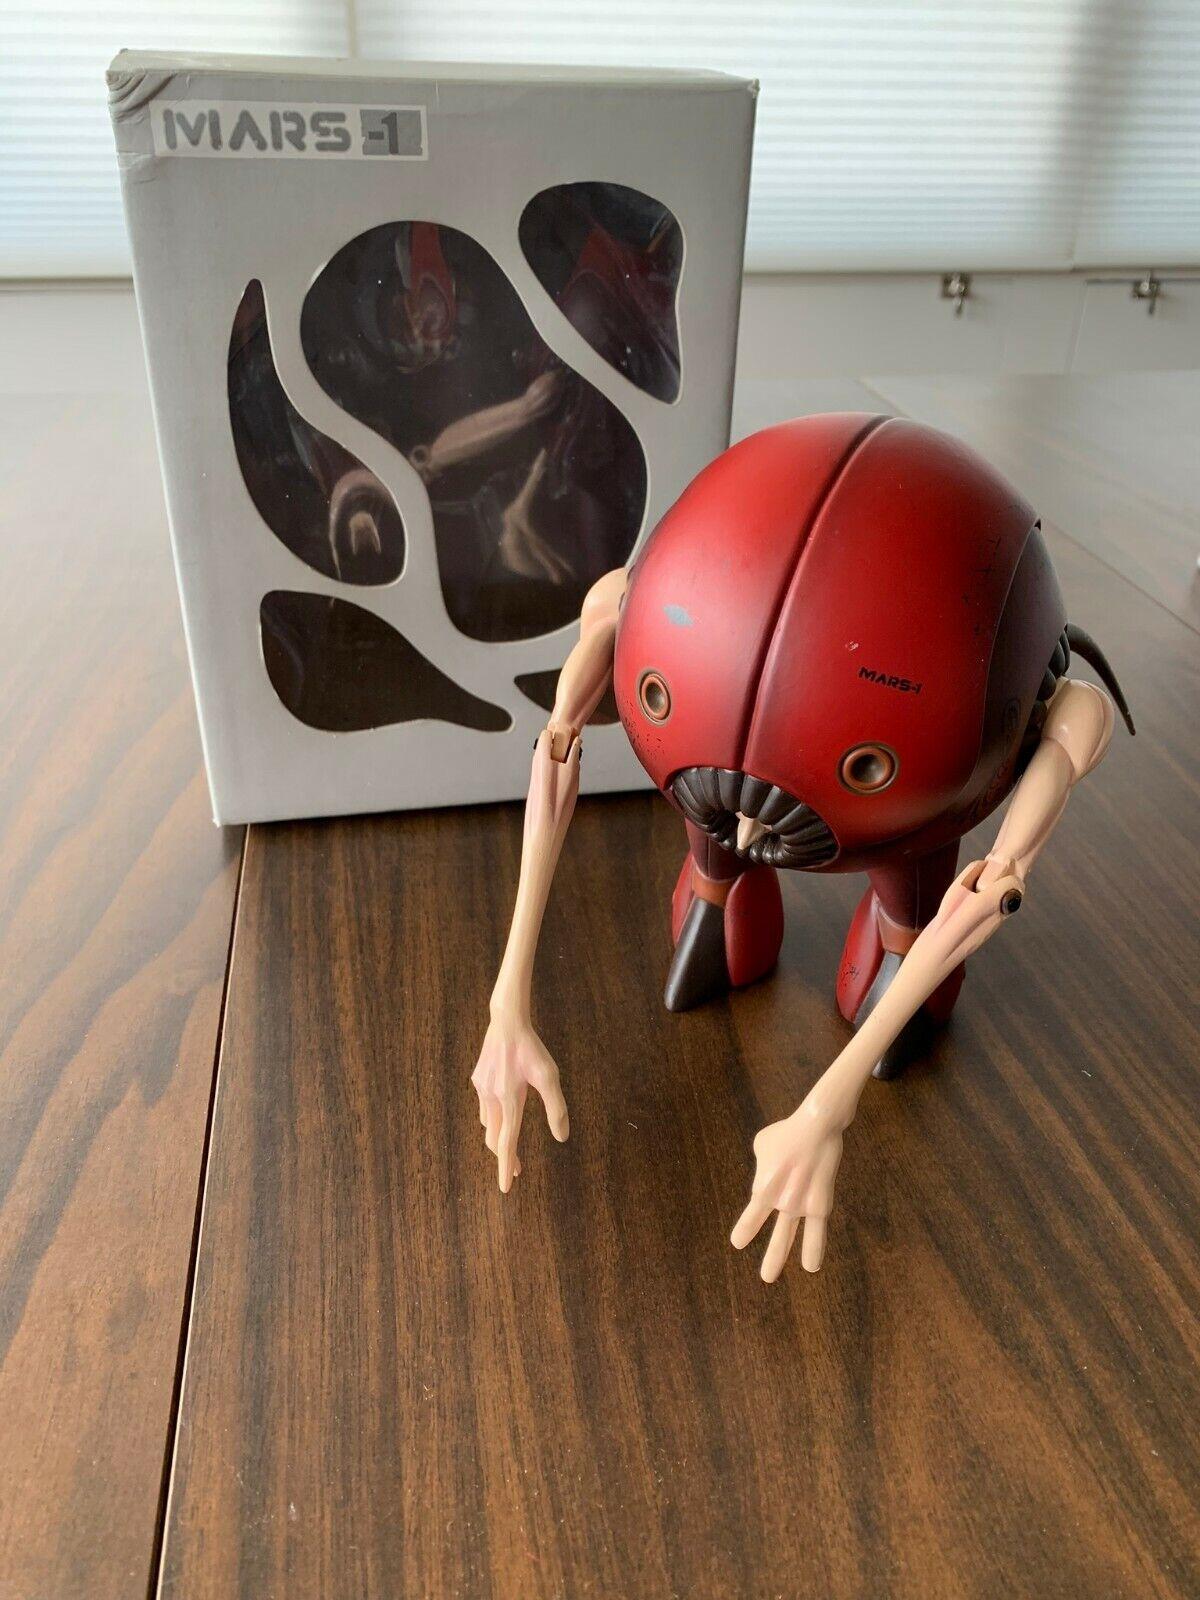 MARS - 1 Recon Rojo DESIGNER Vinilo Robot Alien STRANGECO